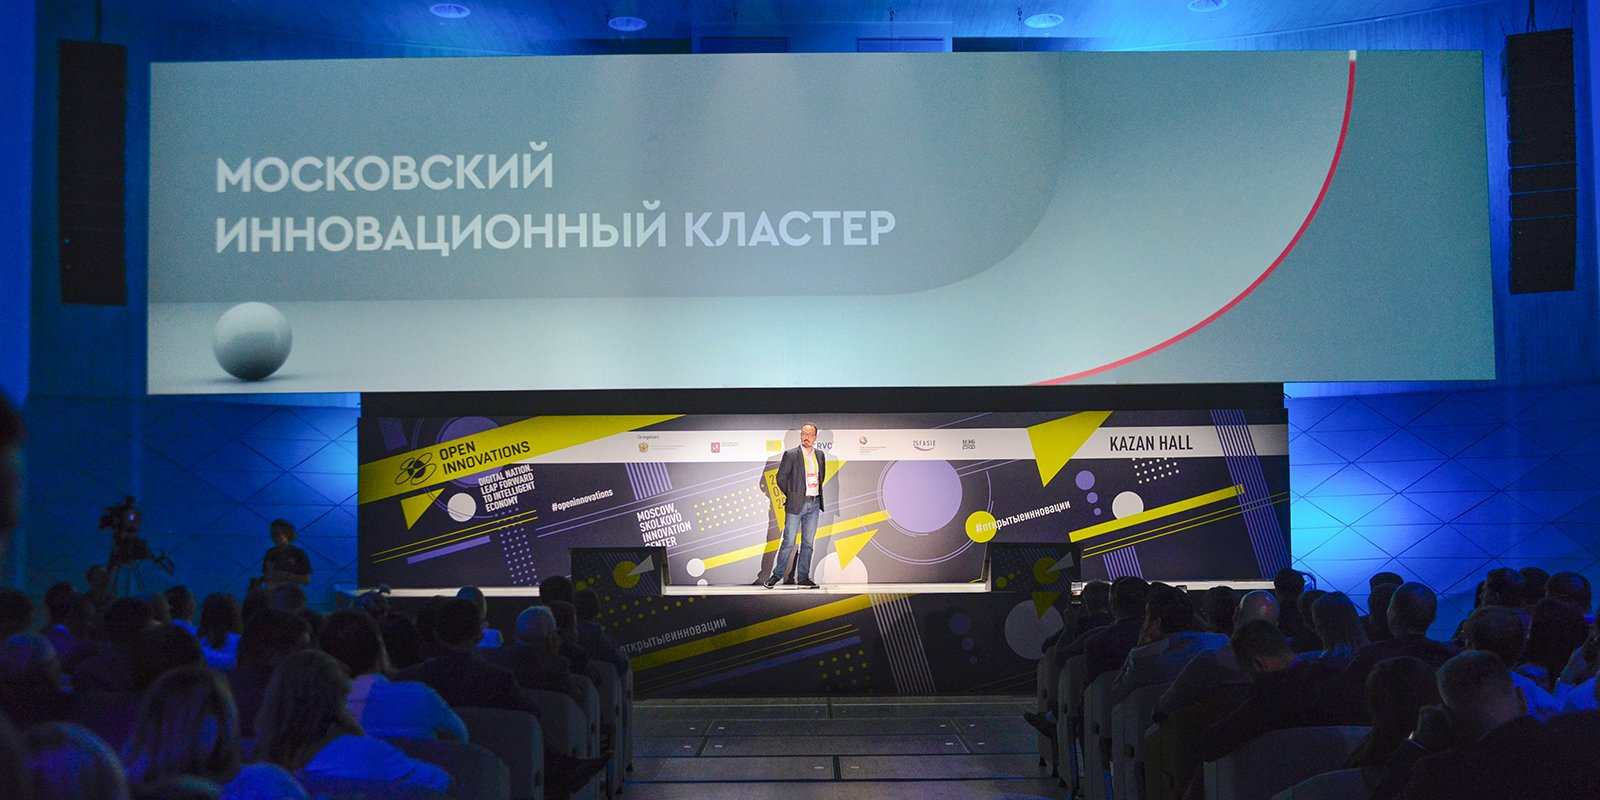 Наталья Сергунина рассказала о новых возможностях Московского инновационного кластера